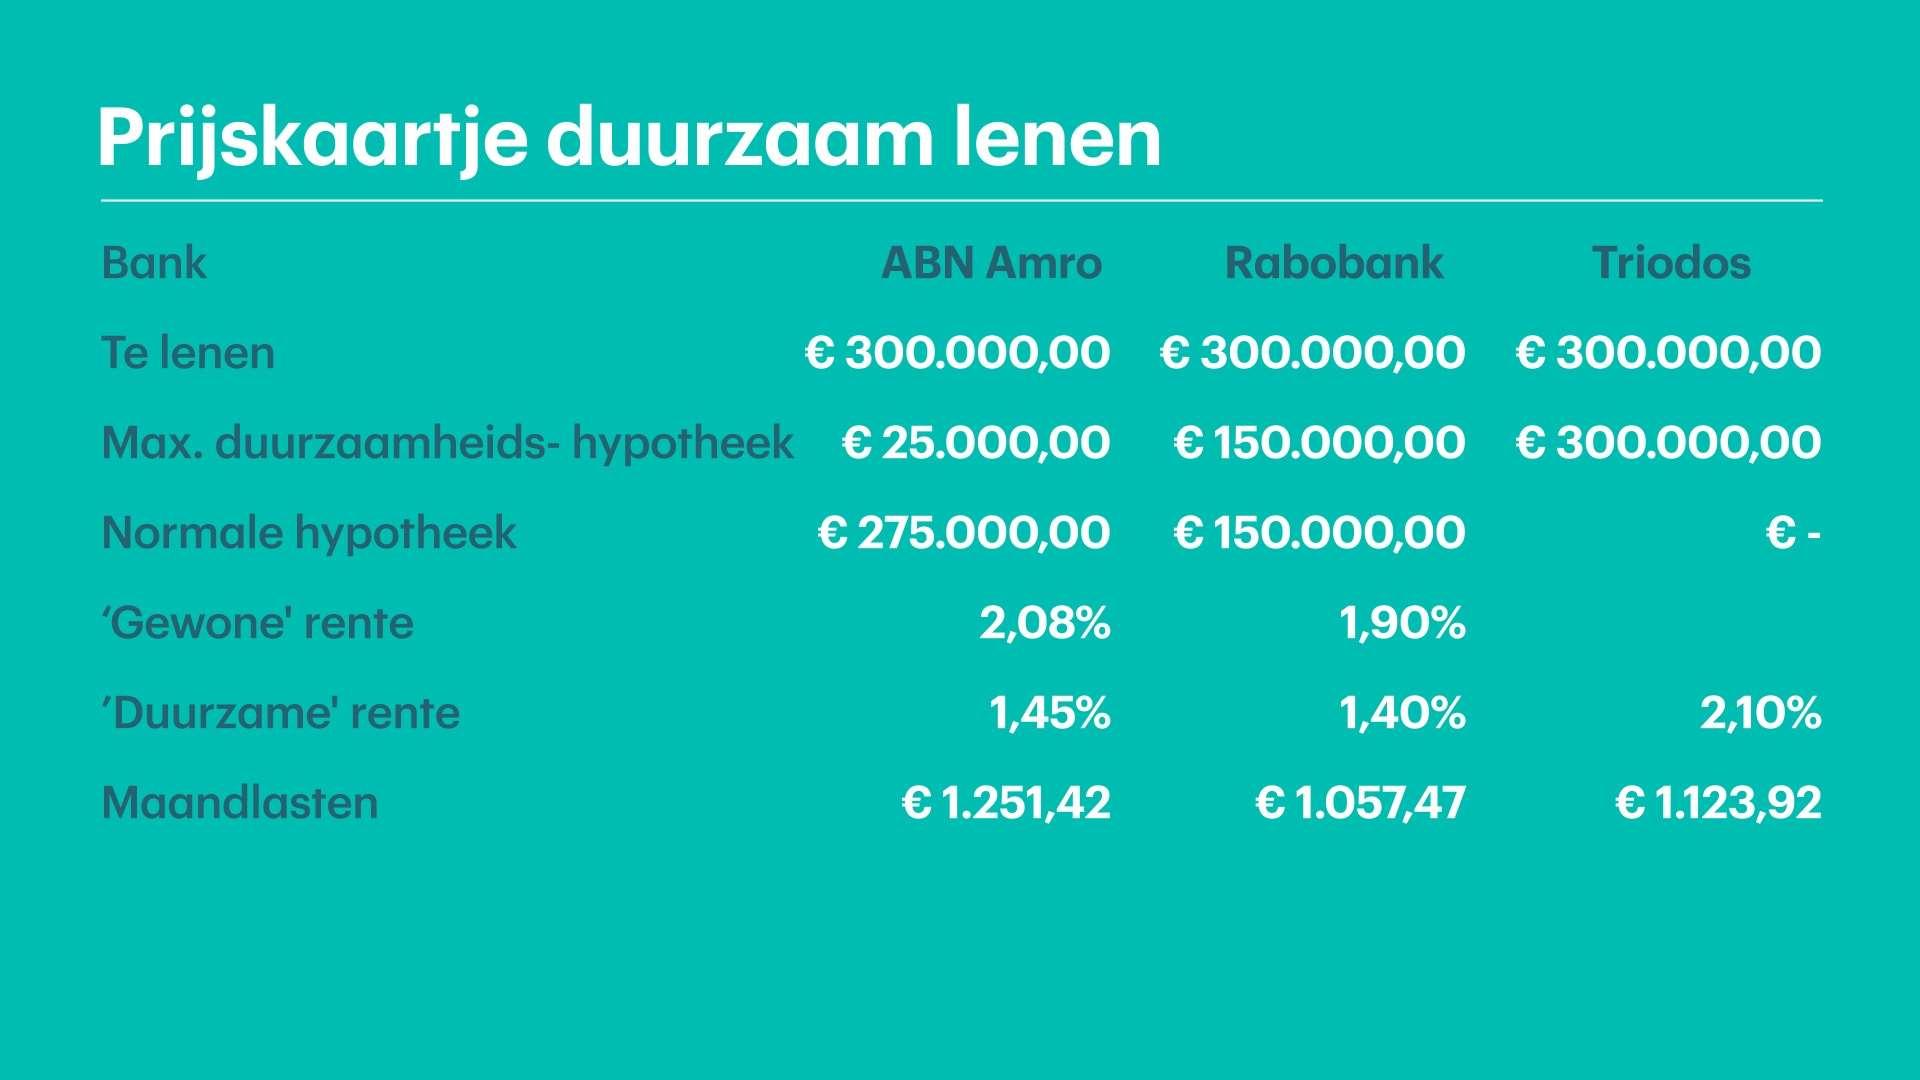 Rekenvoorbeeld prijskaartje duurzaam lenen,